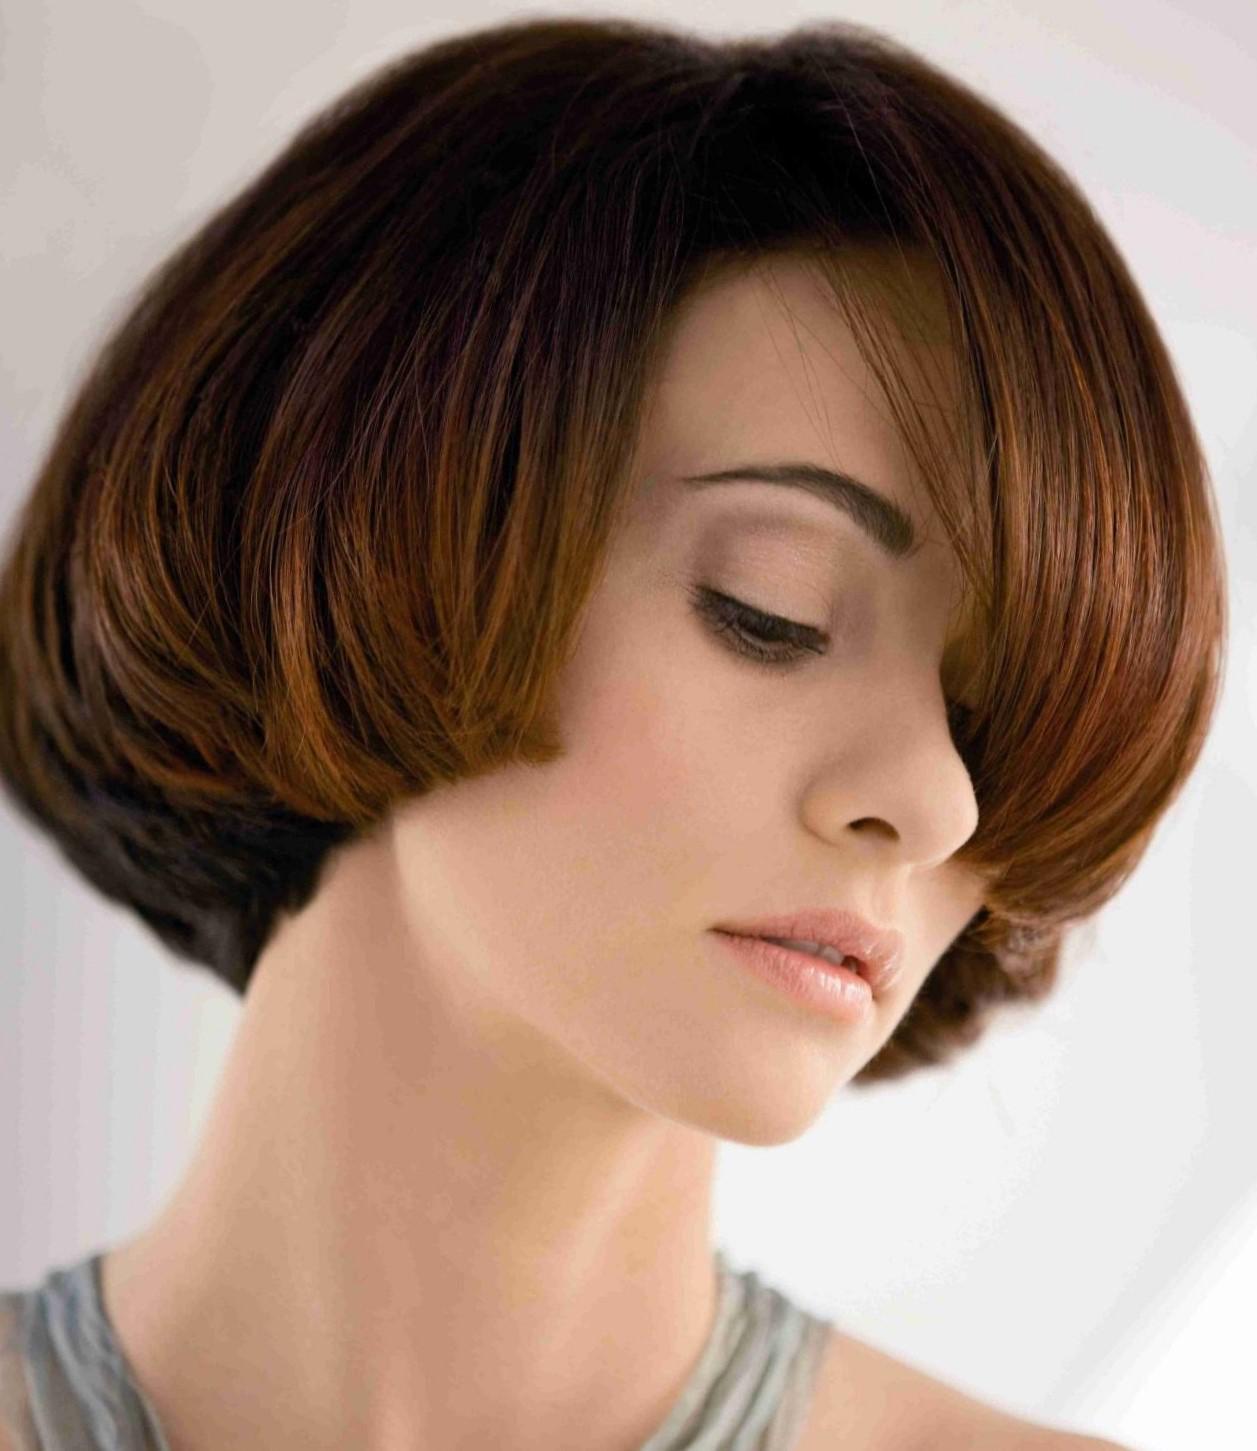 image20-65 | Модные женские стрижки на короткие волосы: основные правила и варианты исполнения